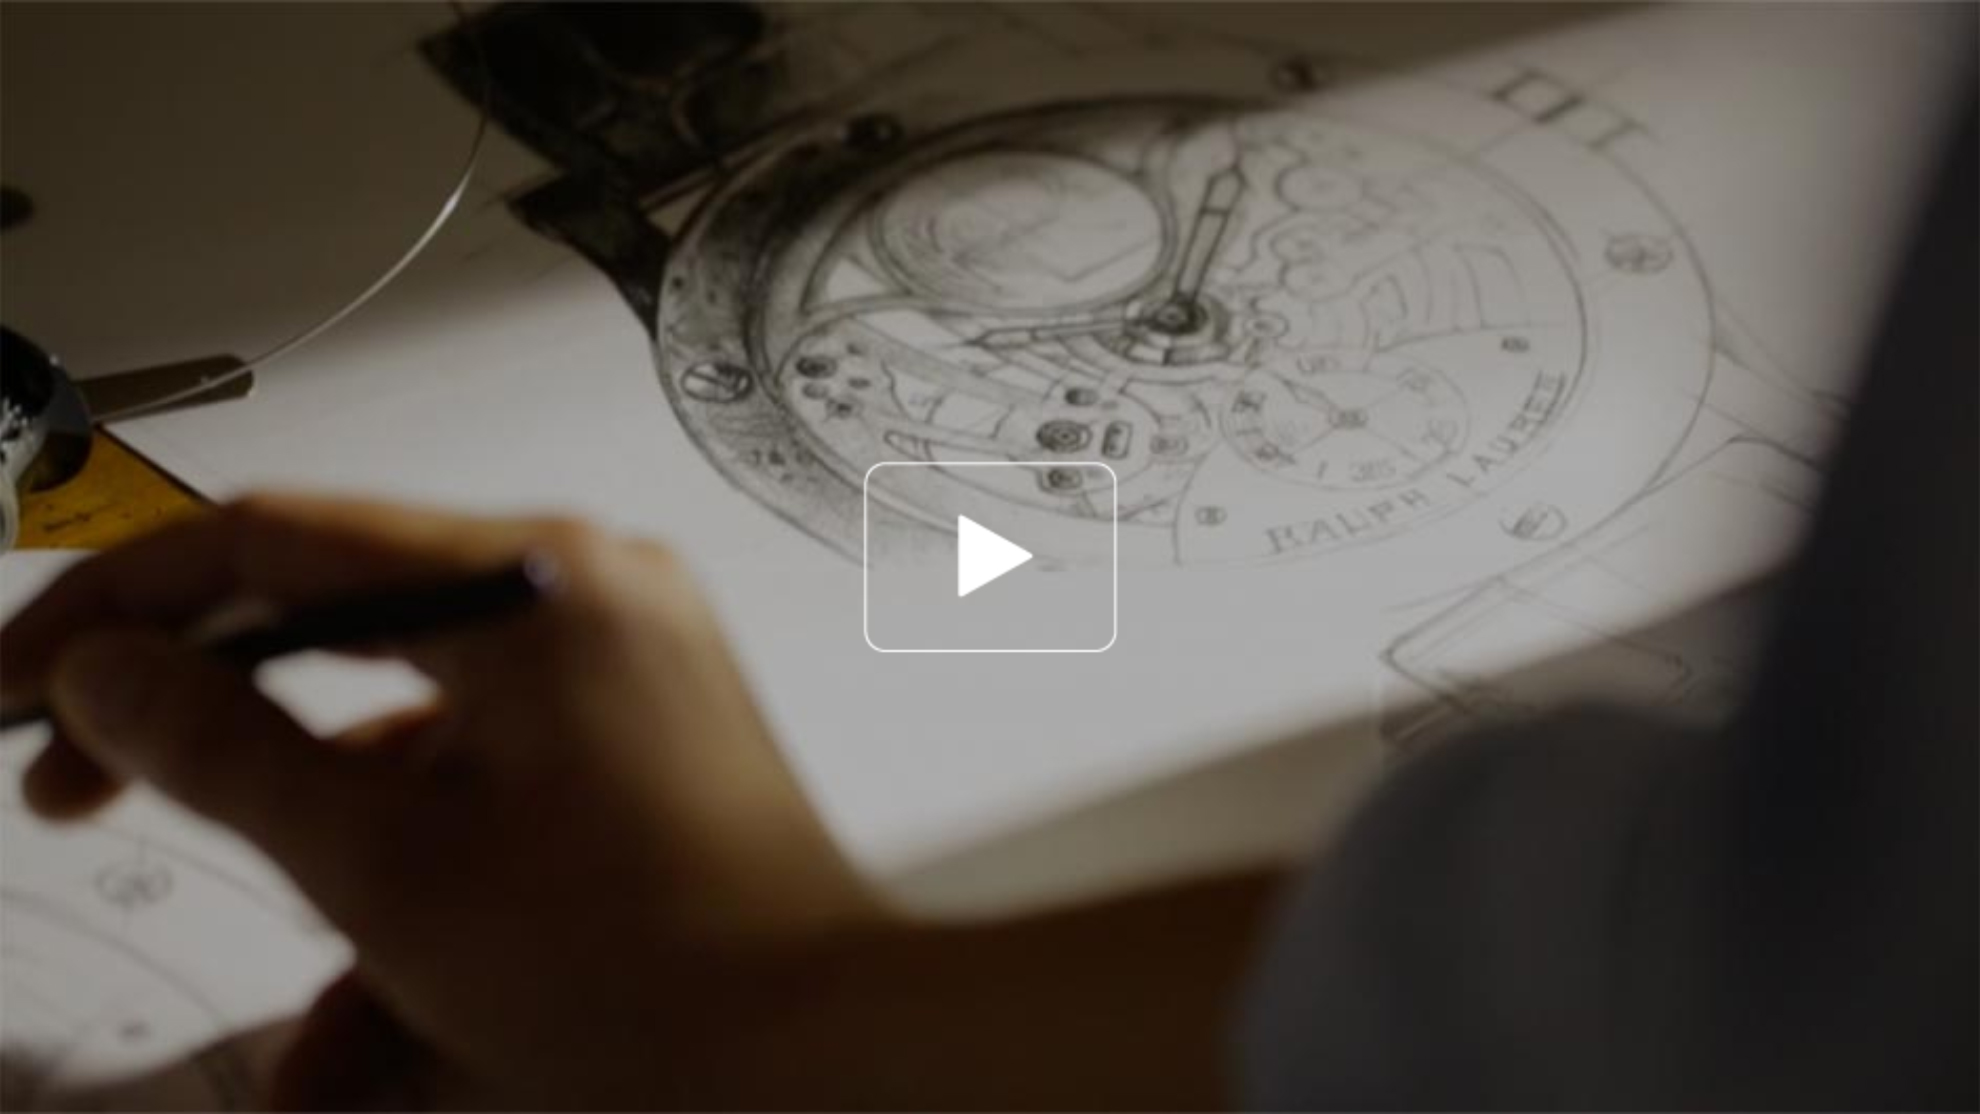 Sketch of the gears inside a watch